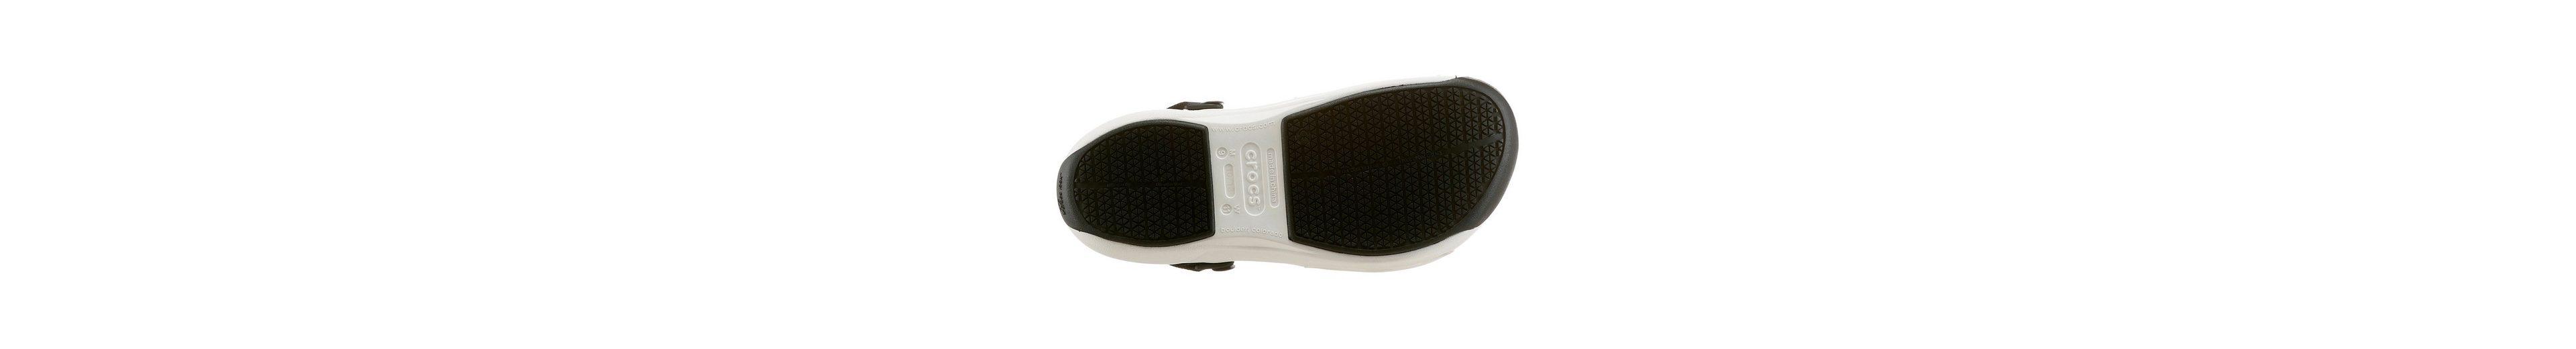 Crocs Bistro Pro Clog, für die Bereich Gastronmie, Hotel oder im Gesundheitsbereich